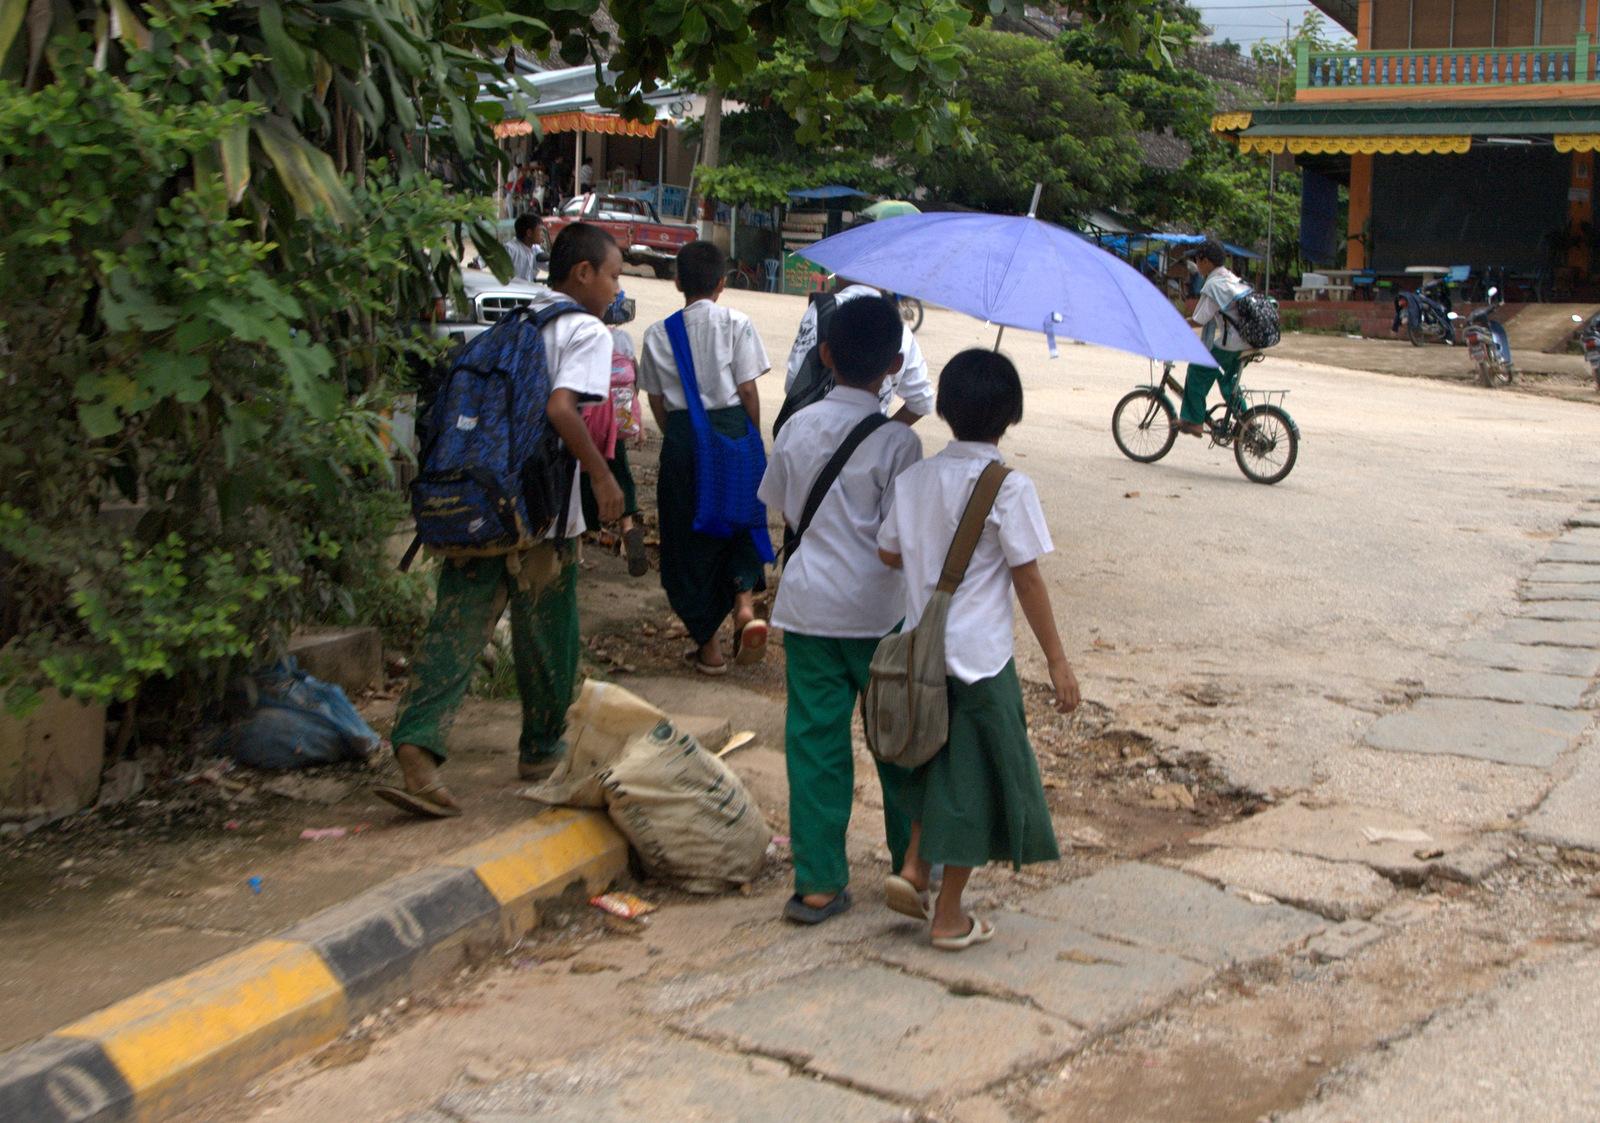 Zaliczyć Birmę, spróbować kasztanów i uciec przed powodzią 116